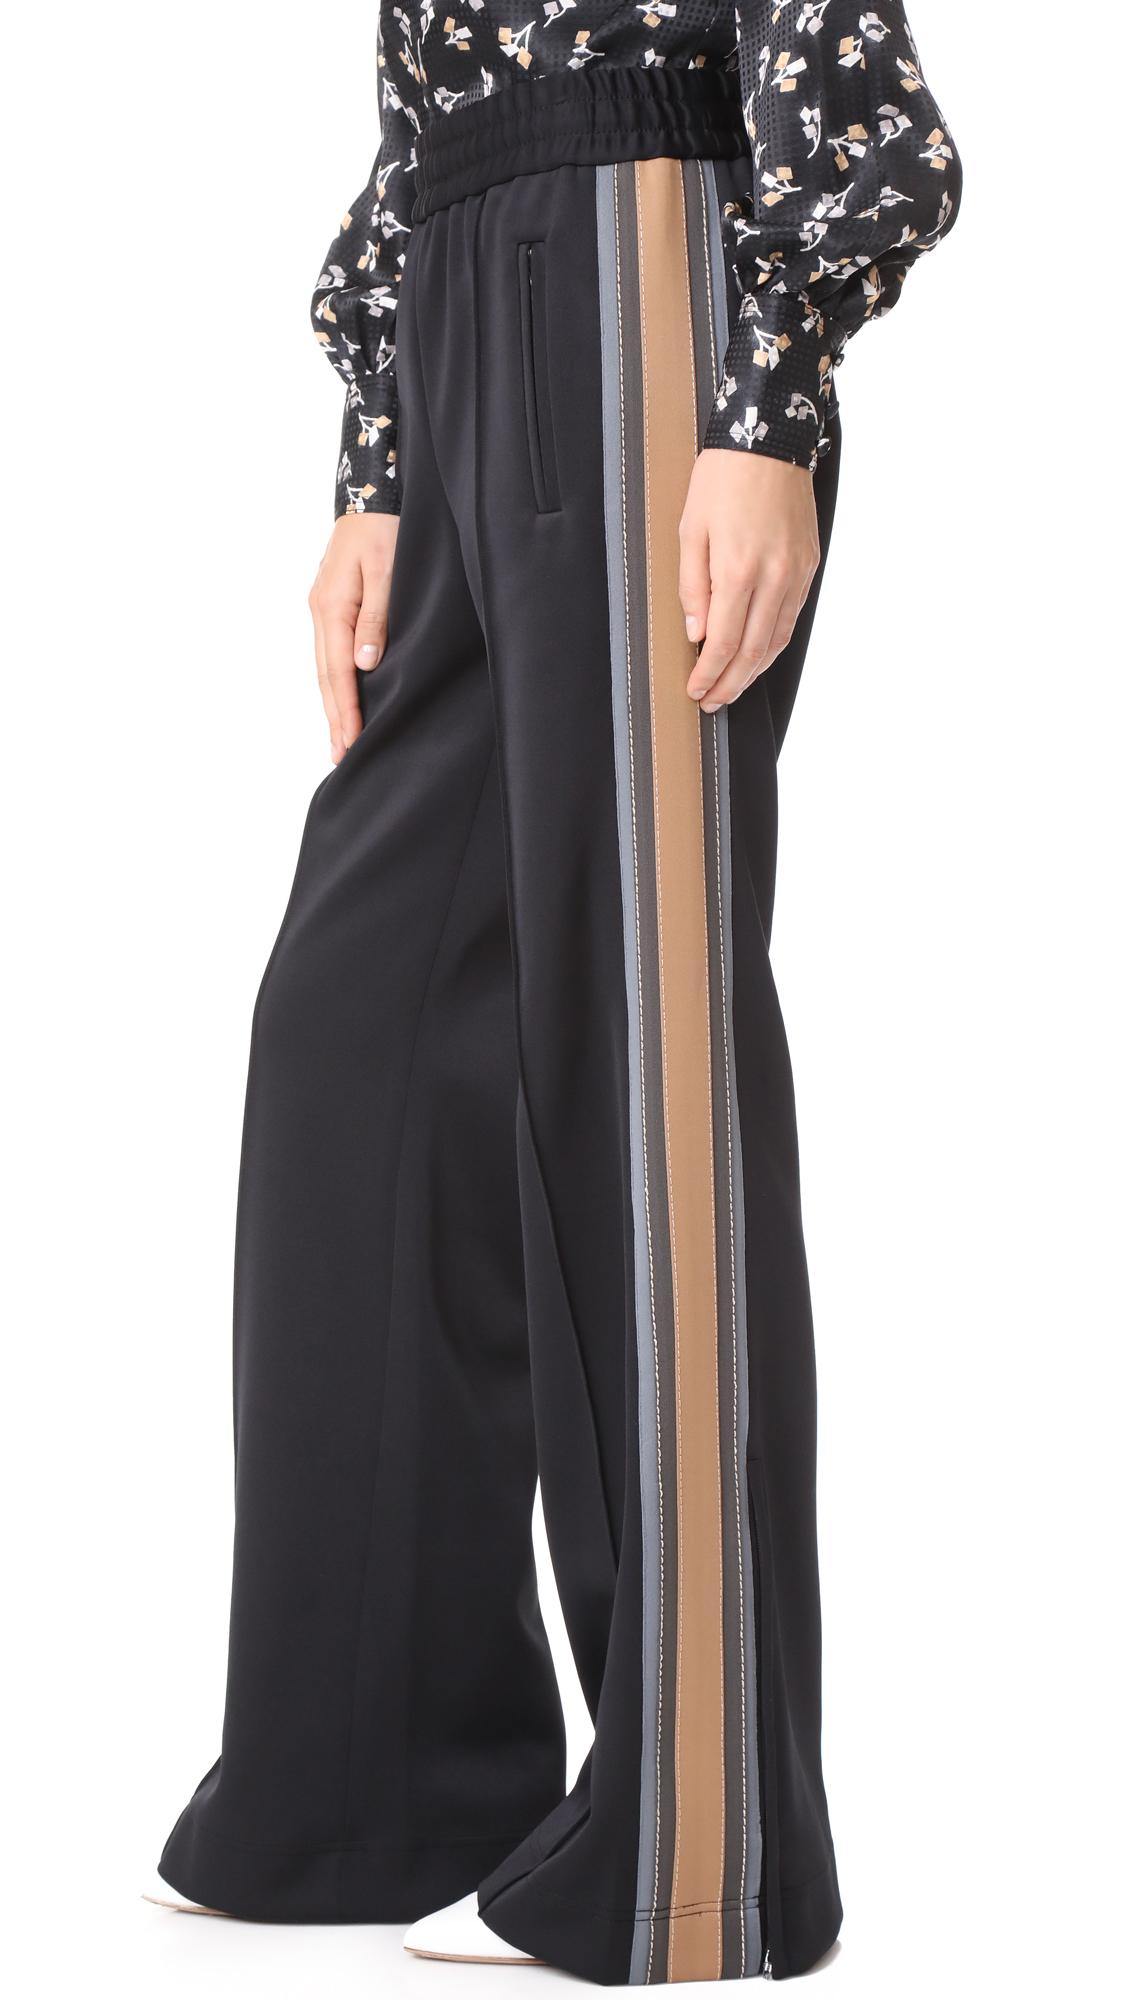 Marc Jacobs Runway Track Pants - Black Multi